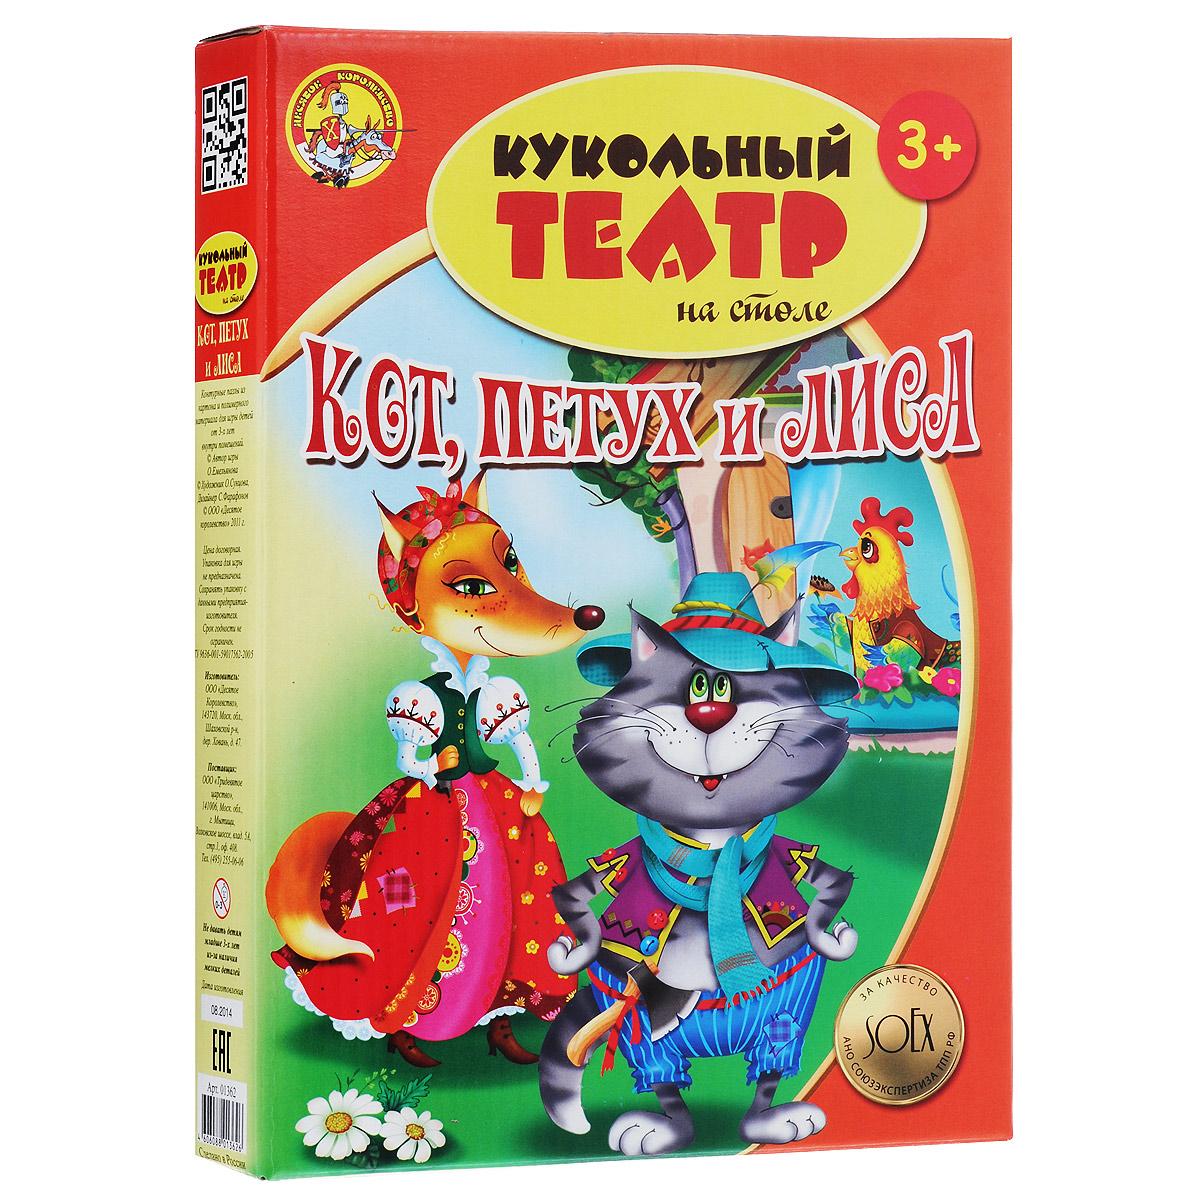 Кукольный театр на столе Десятое королевство Кот, петух и лиса десятое королевство кукольный театр на столе зайкина избушка десятое королевство